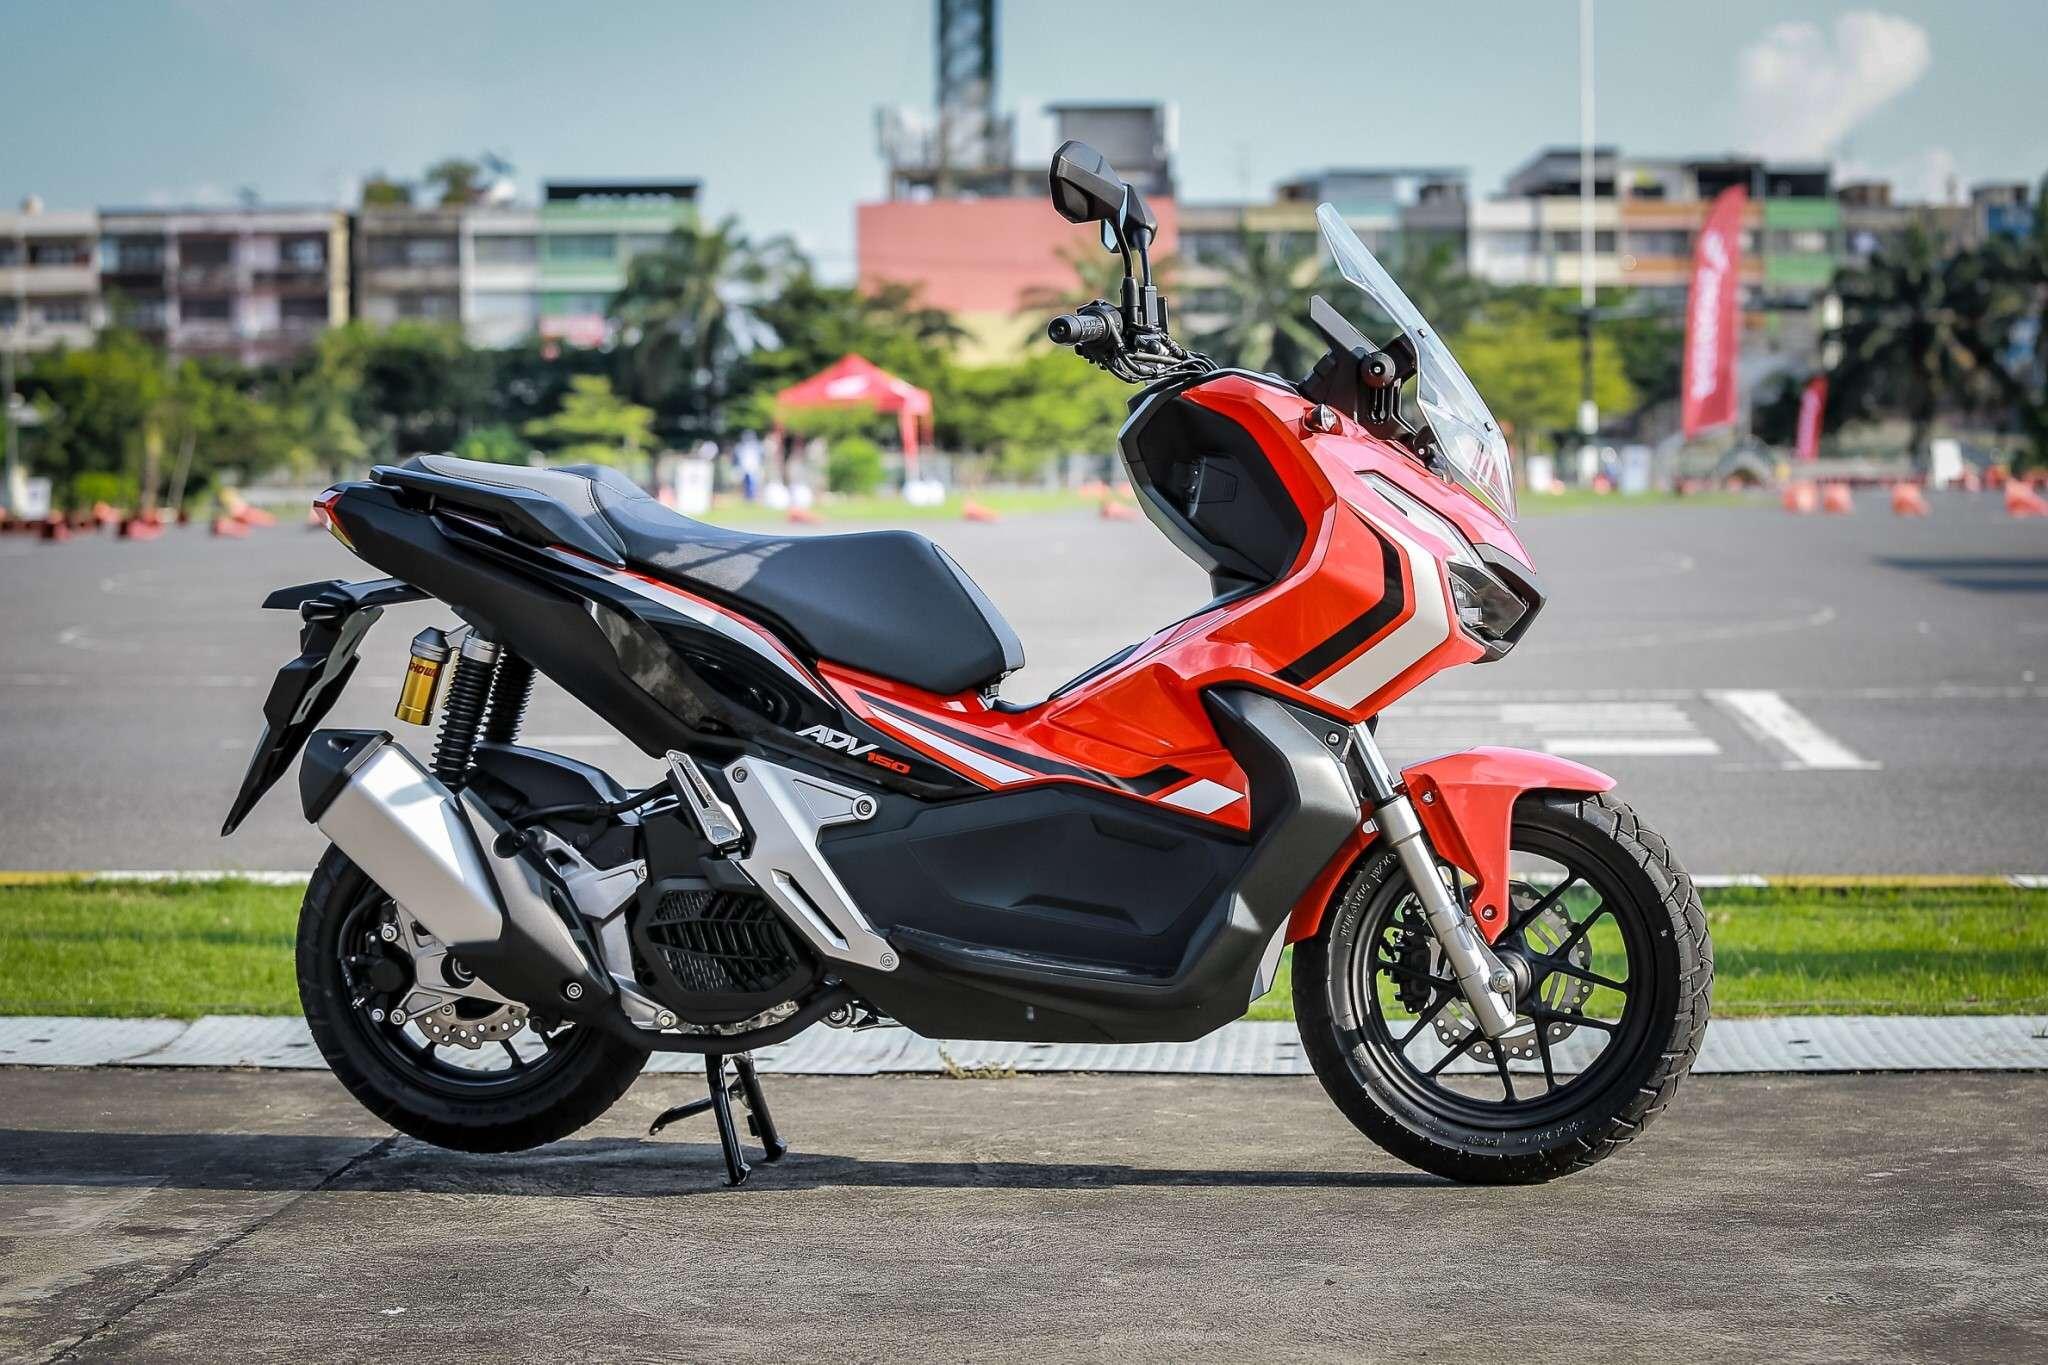 Test Drive ADV 150 By Boy ThaiGP_191028_0111